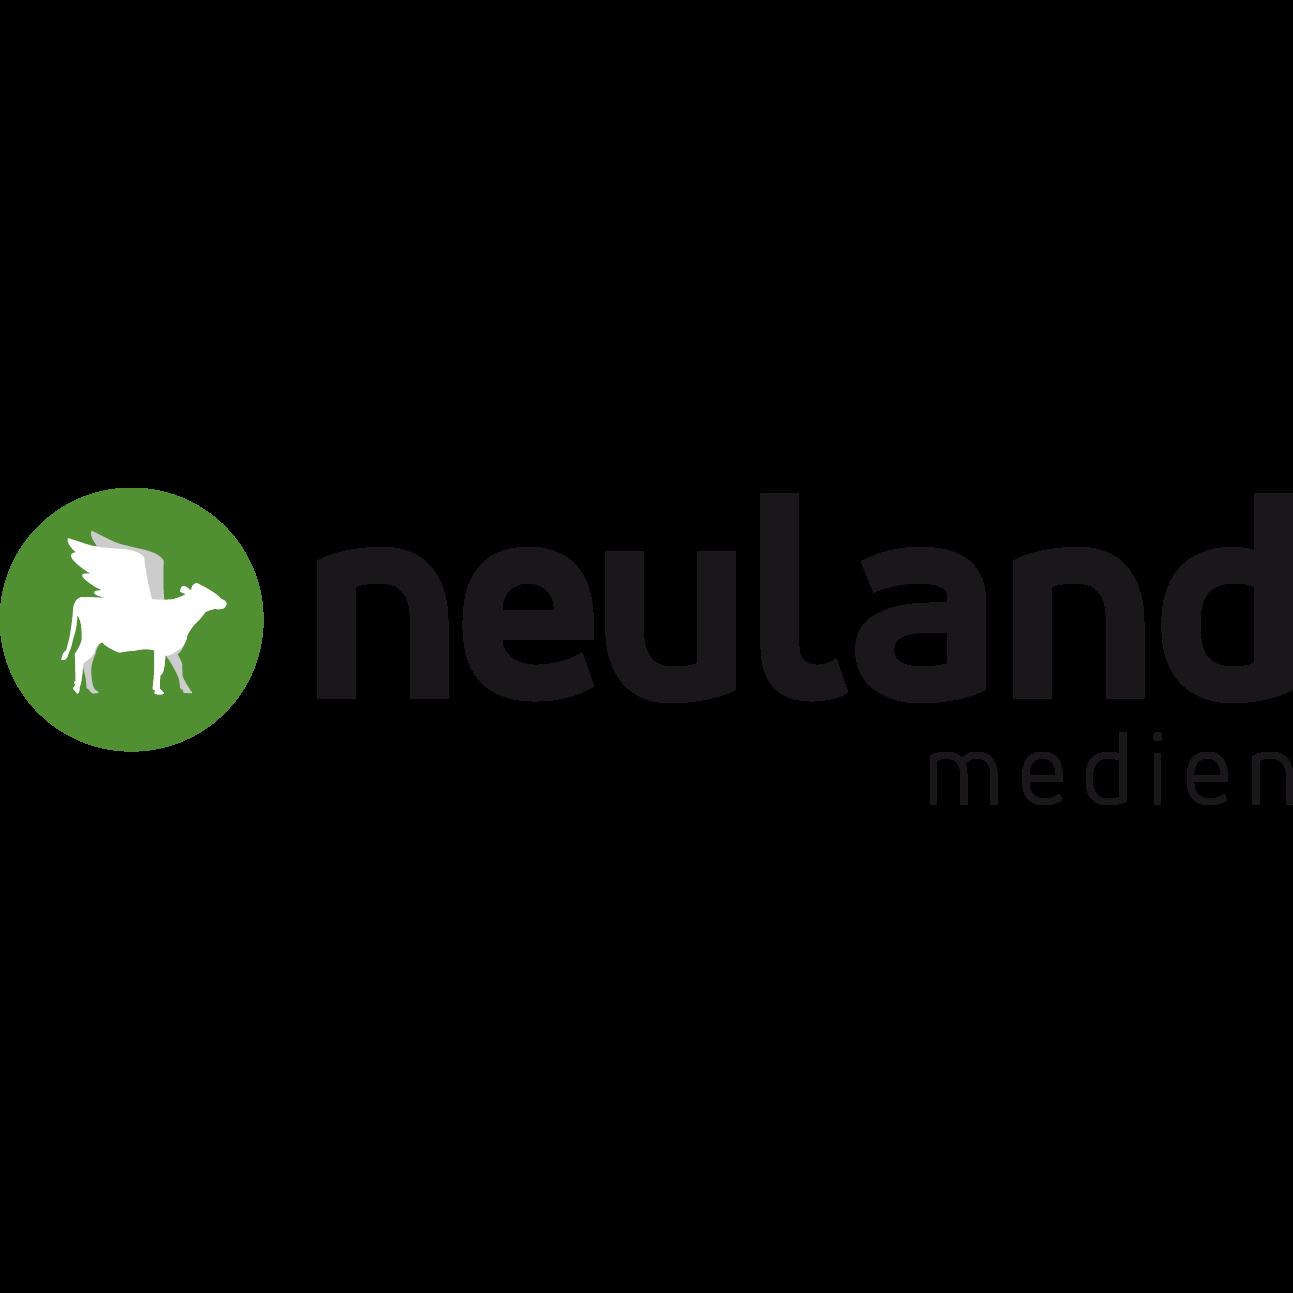 Neuland-Medien GmbH & Co. KG